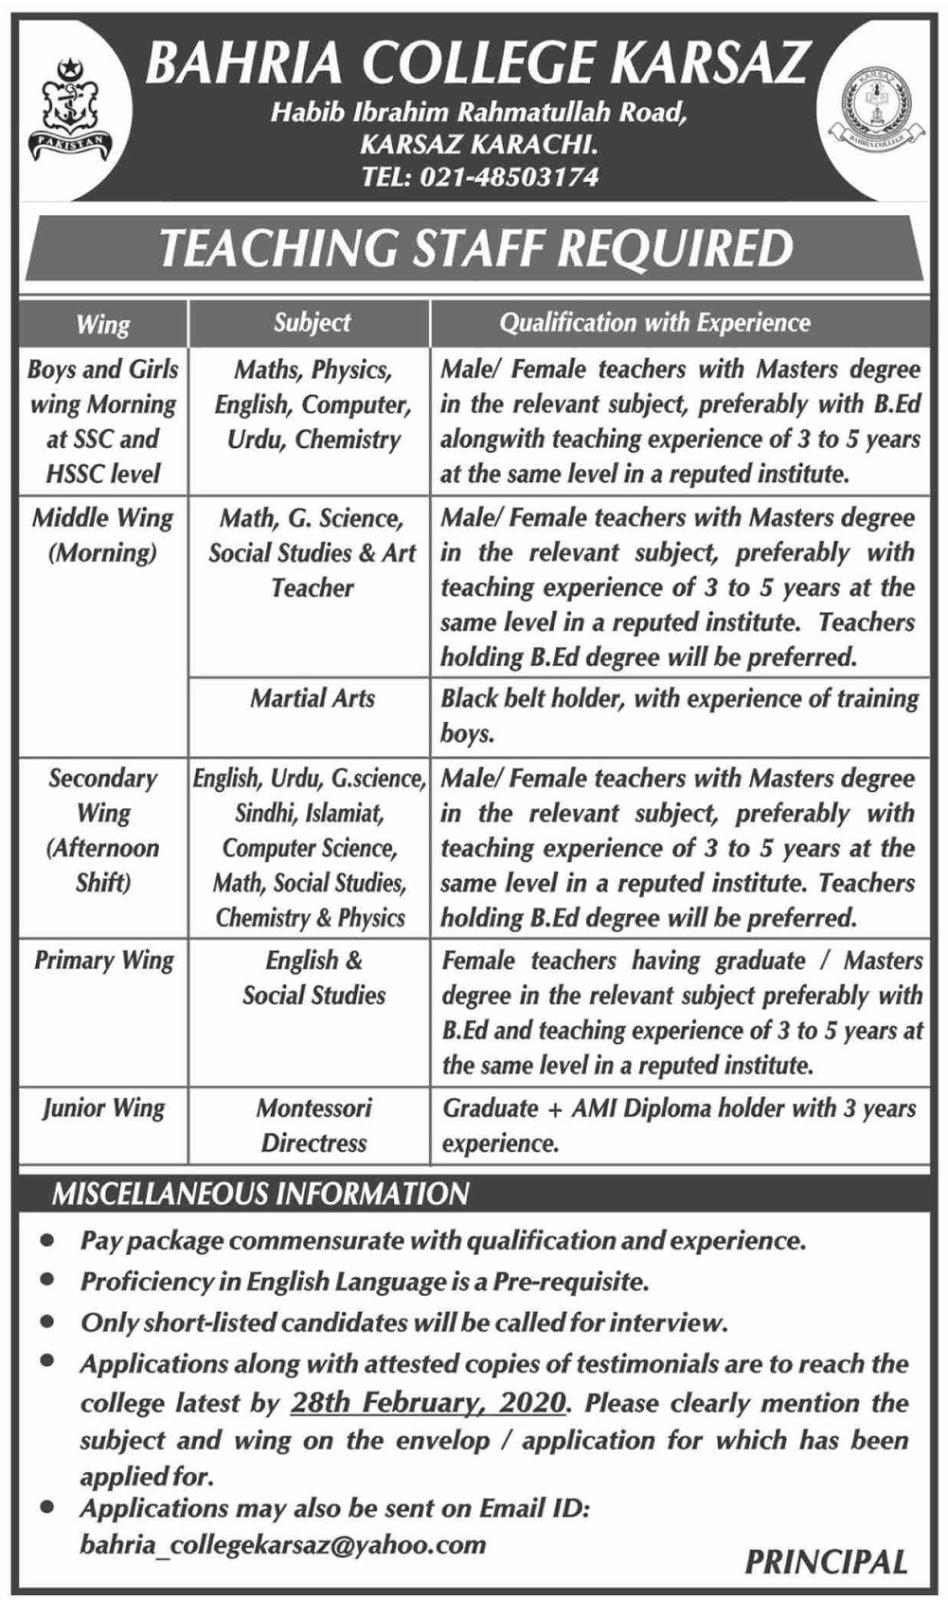 Bahria College Teaching Jobs 2020 in Karachi